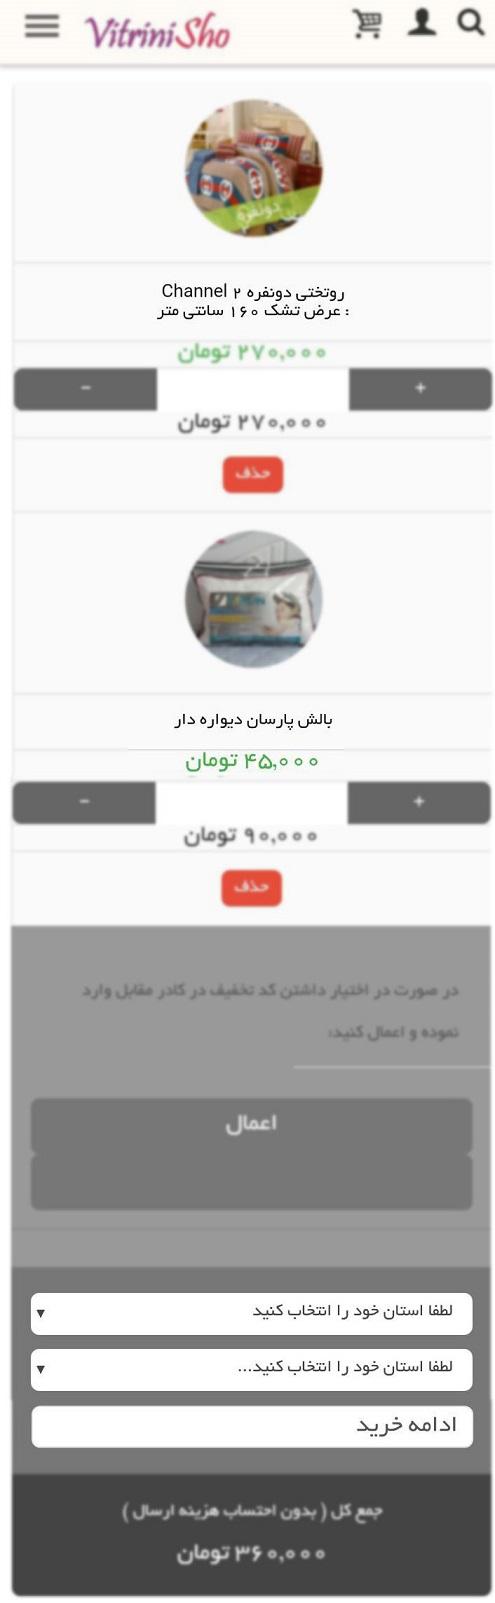 جزدیات سبد خرید در موبایل